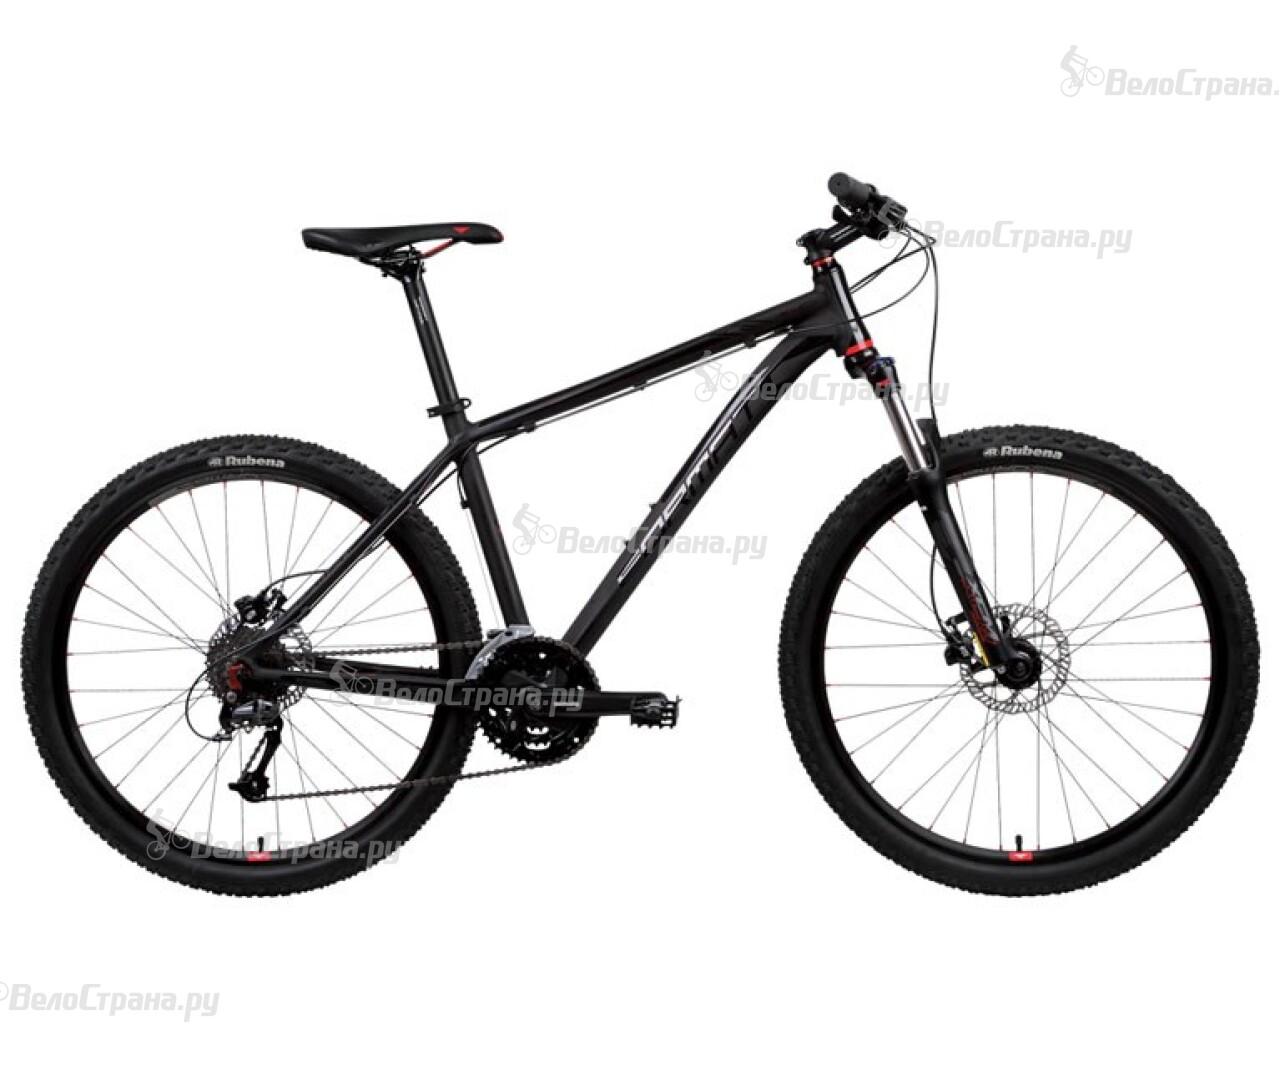 Велосипед Format 12151 LE (2014) велосипед format 1212 2014